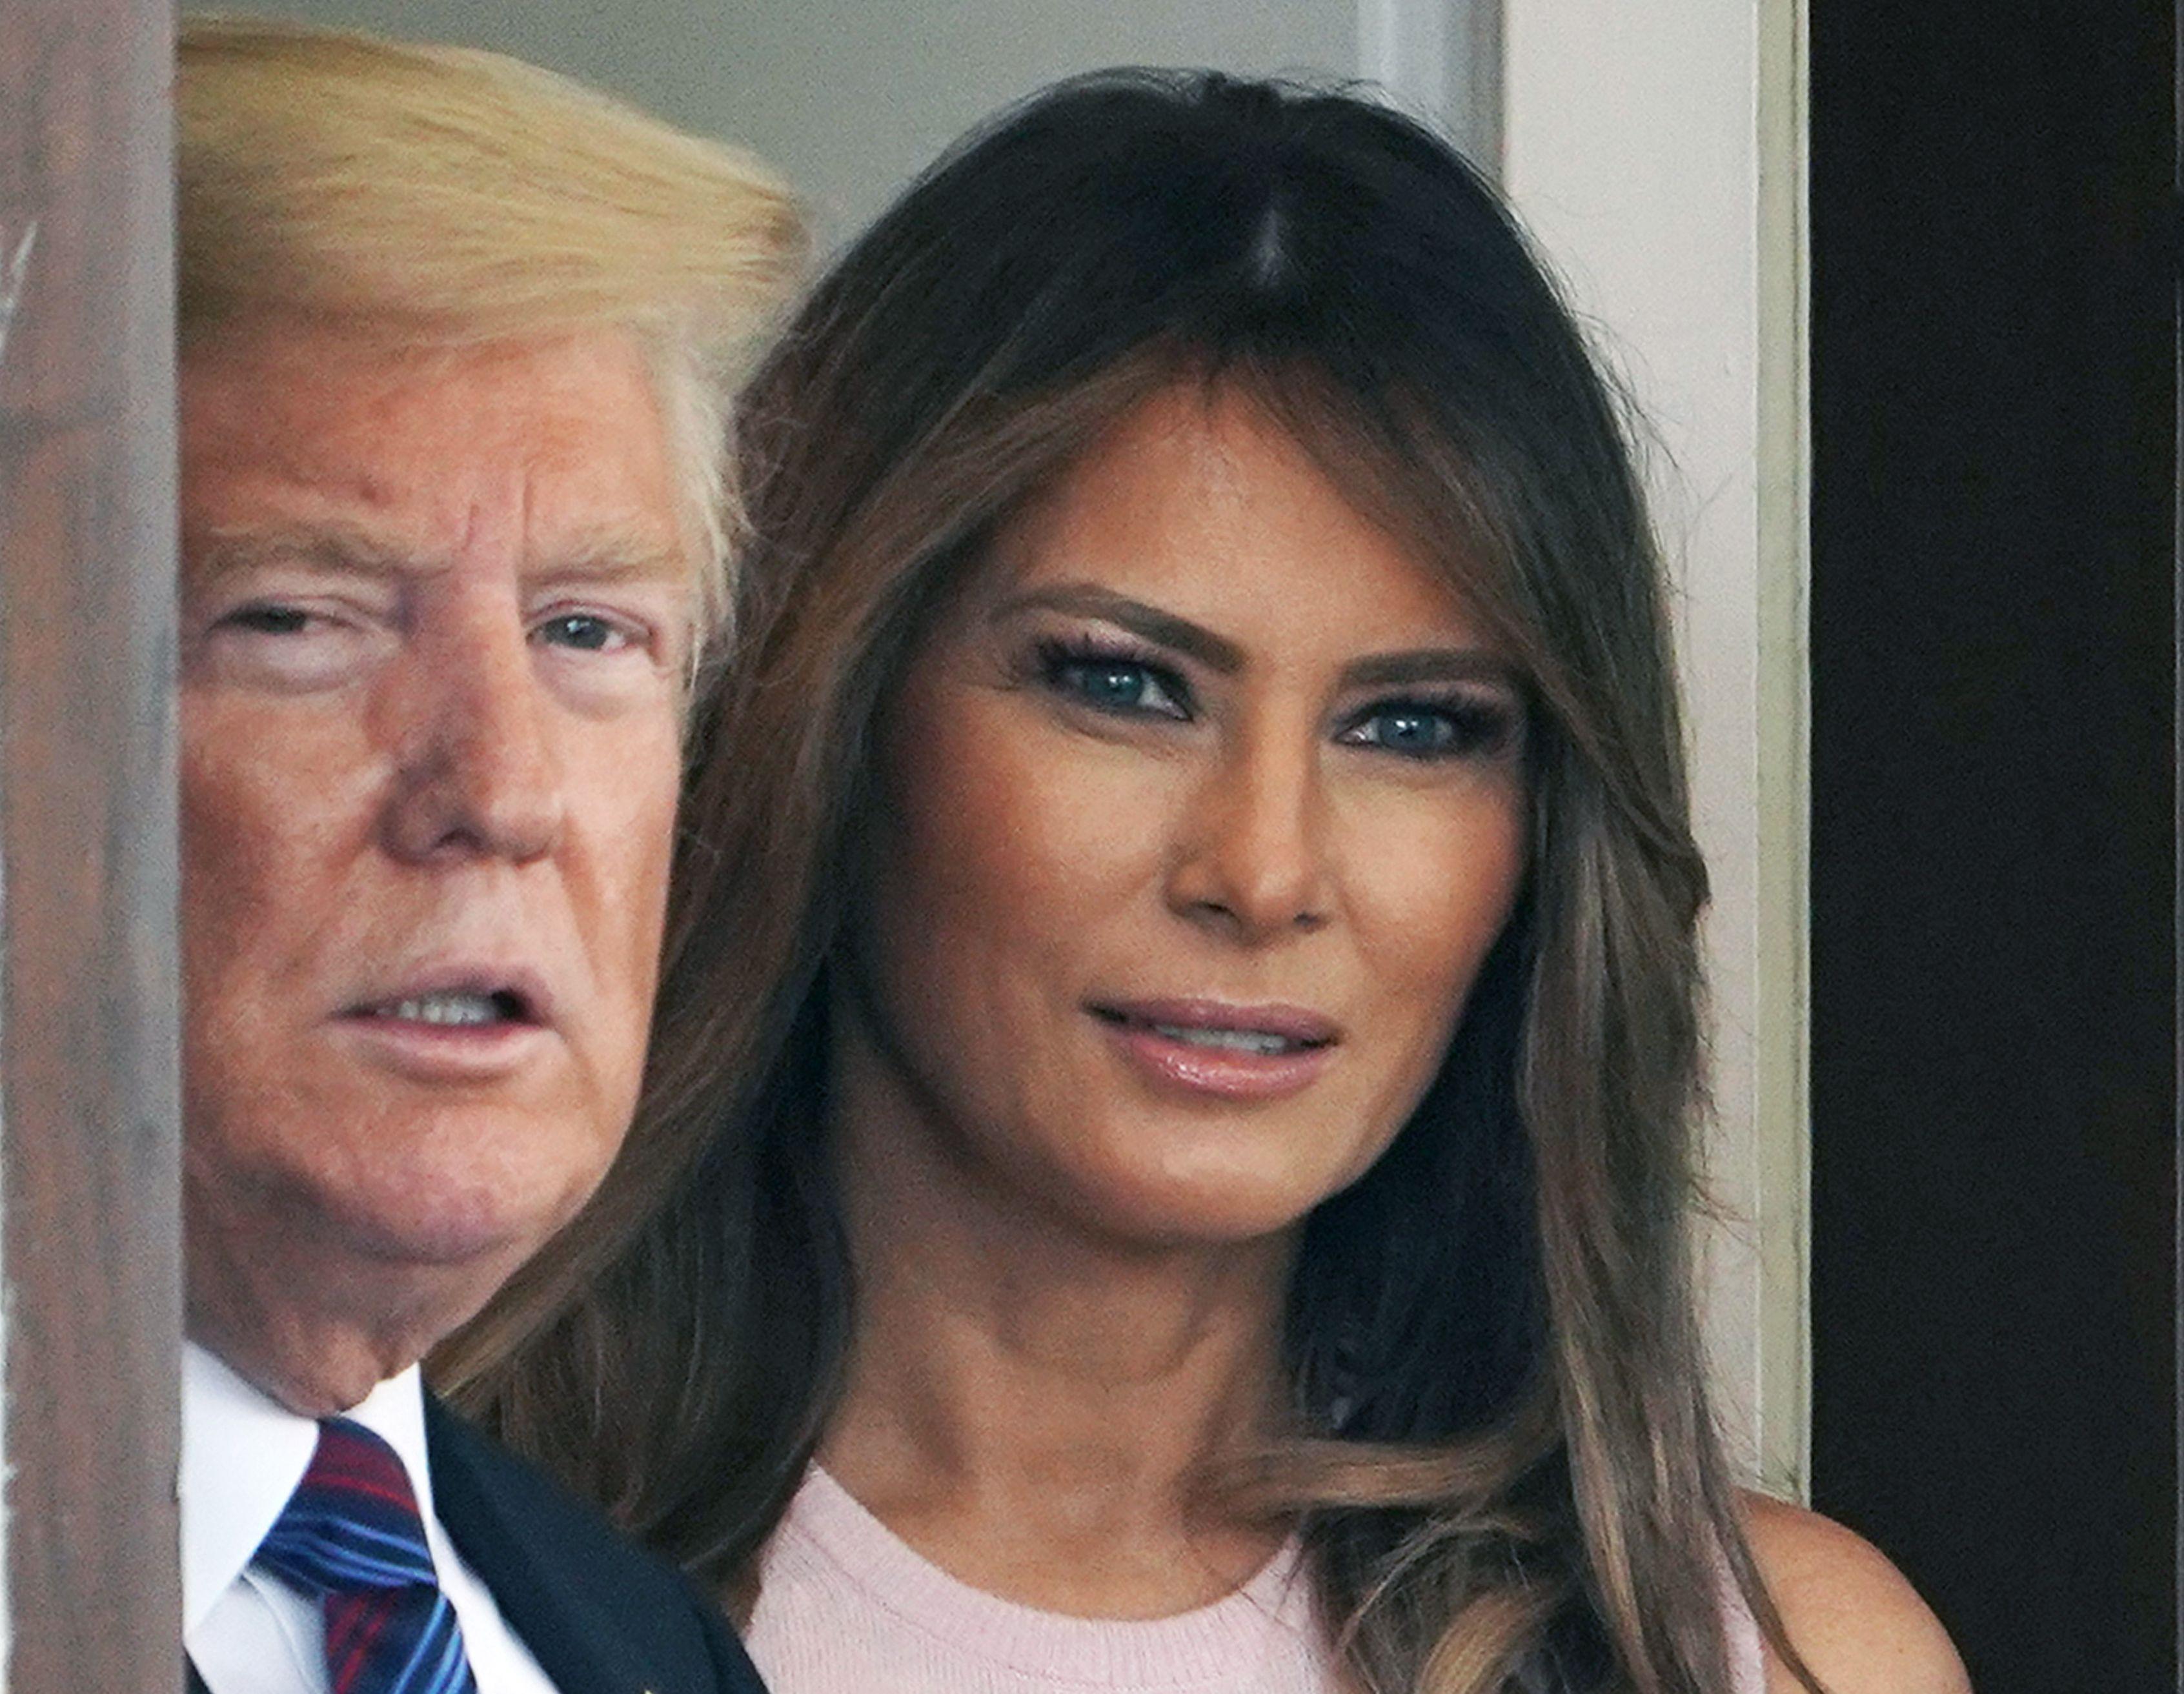 We Are Fine Melania Trump Dismisses Gossip About Marriage First Lady Melania Trump Melania Trump First Lady Melania